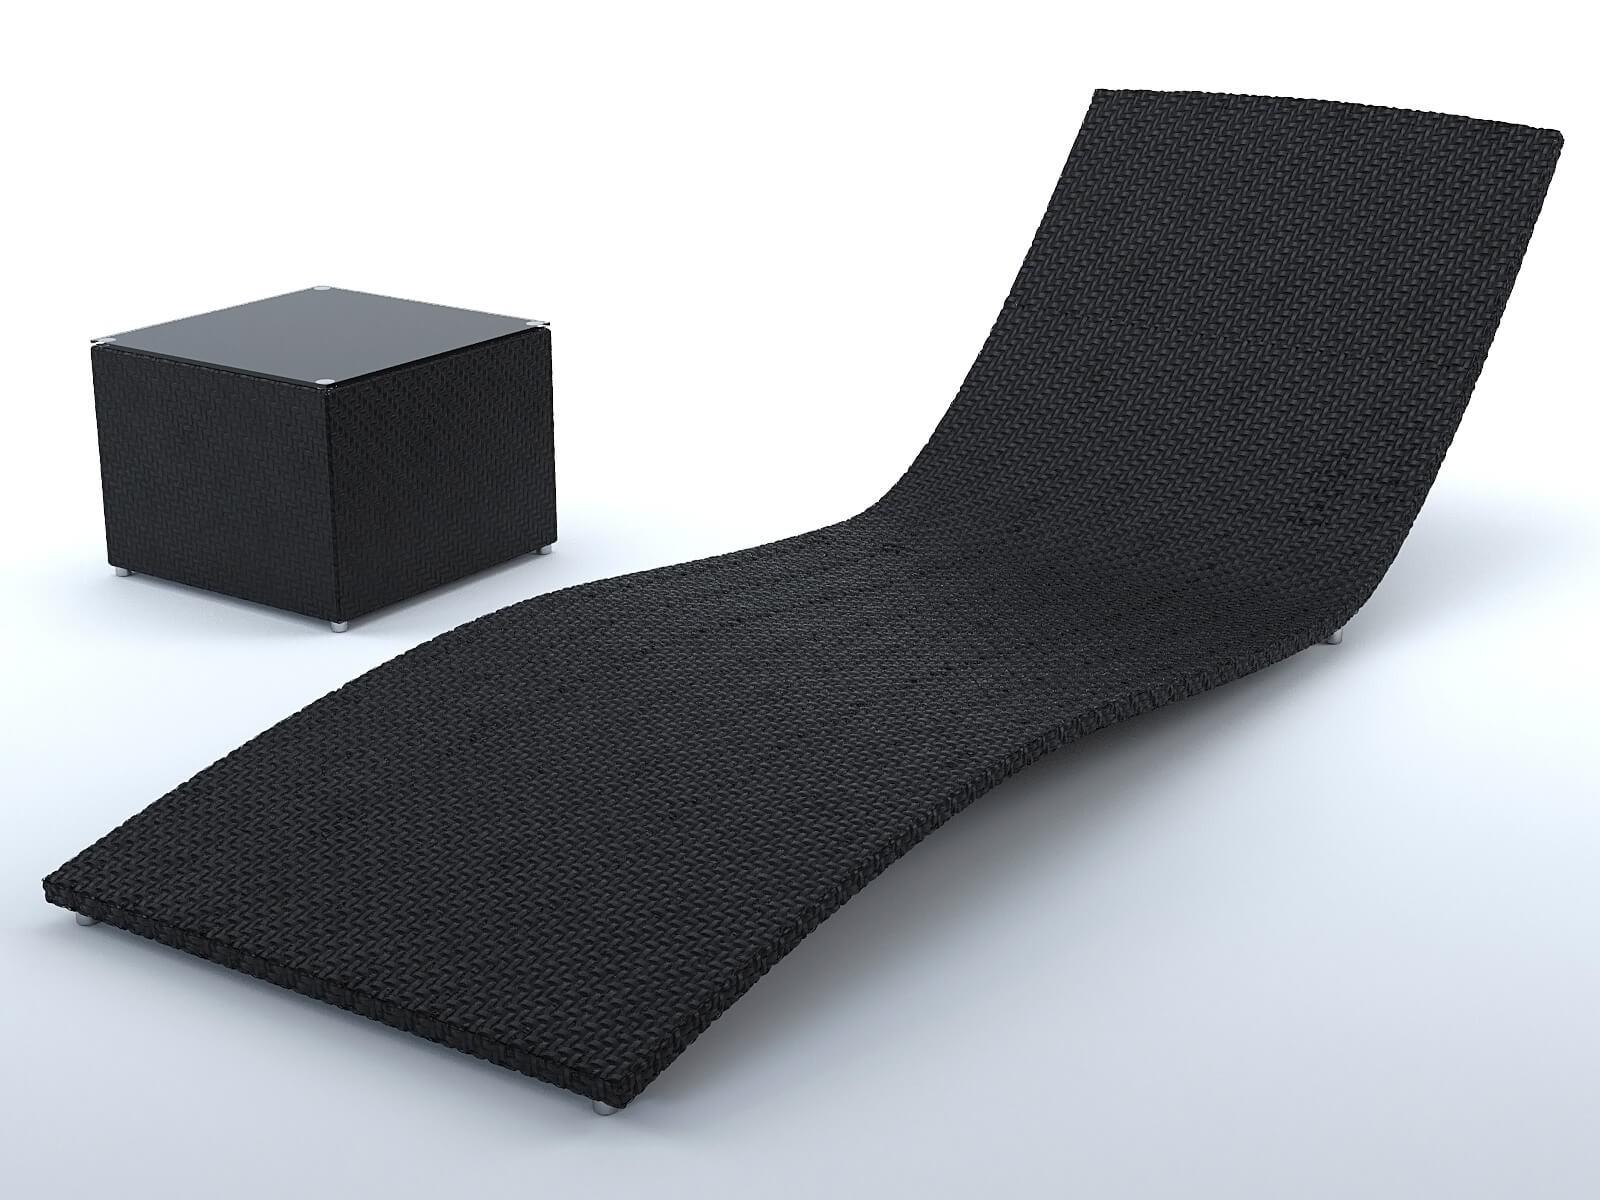 Chaise Longue Exterieur Osier Noir Modele 3d